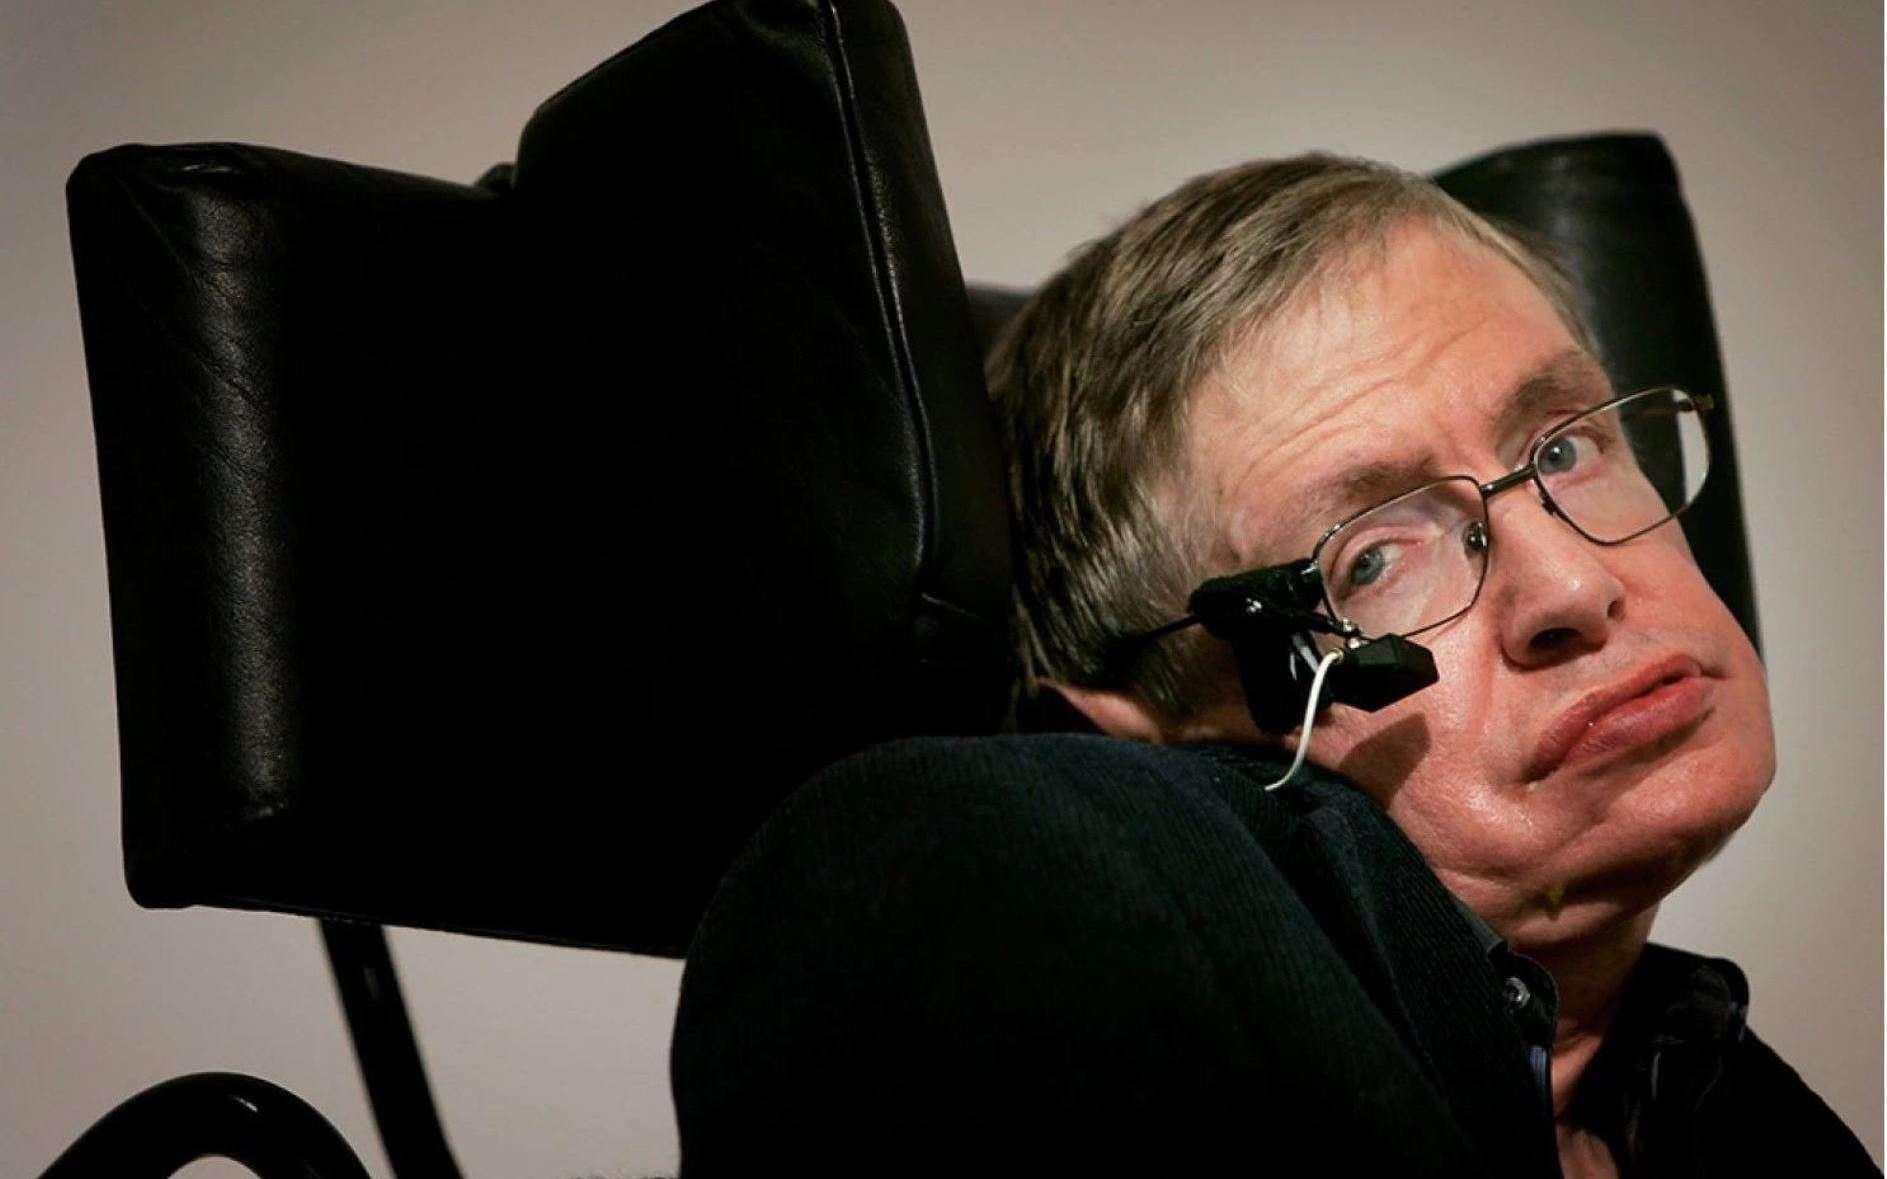 Stephen Hawking il y a quelques années, avec l'appareil lui permettant de communiquer avec un ordinateur. Plus paralysé que jamais, l'astrophysicien et mathématicien tentait toujours de percer les secrets des trous noirs et de la gravitation quantique avant sa mort. © DAMTP, University of Cambridge